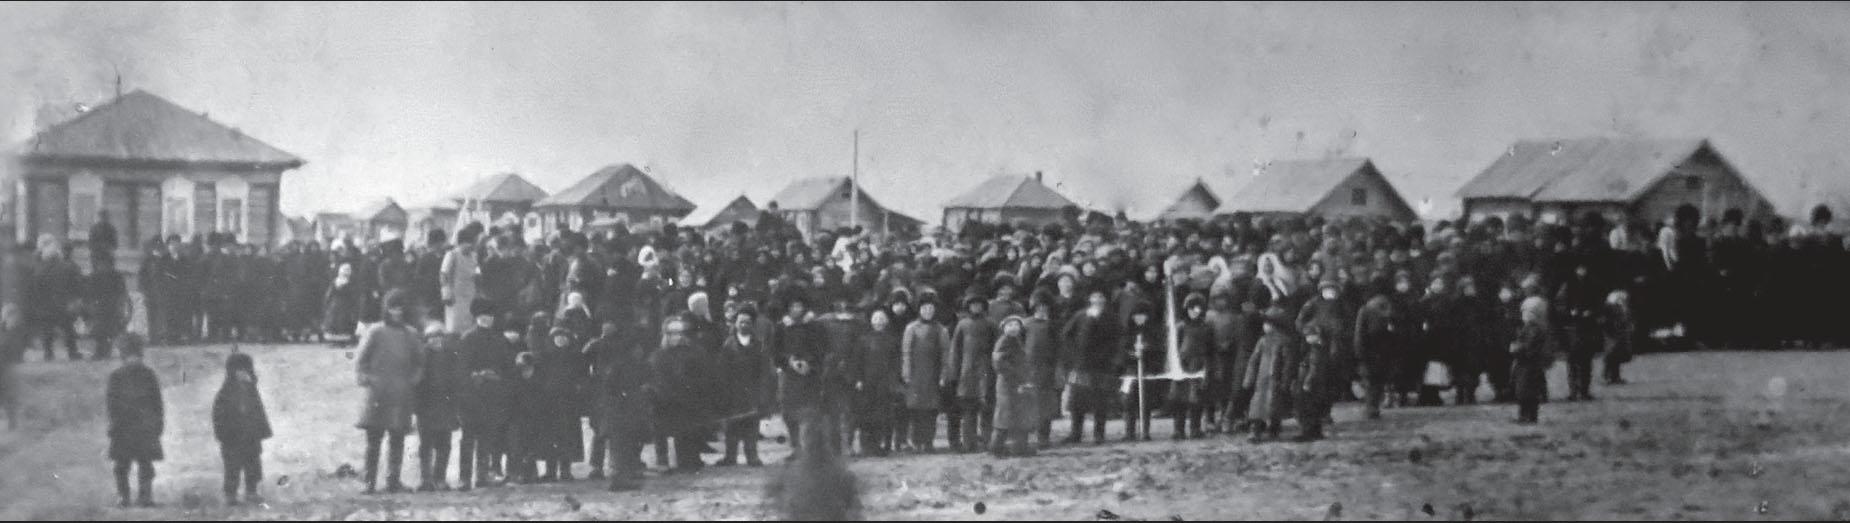 Митинг в городе Камне 17 марта 1917 года после свержения самодержавия.